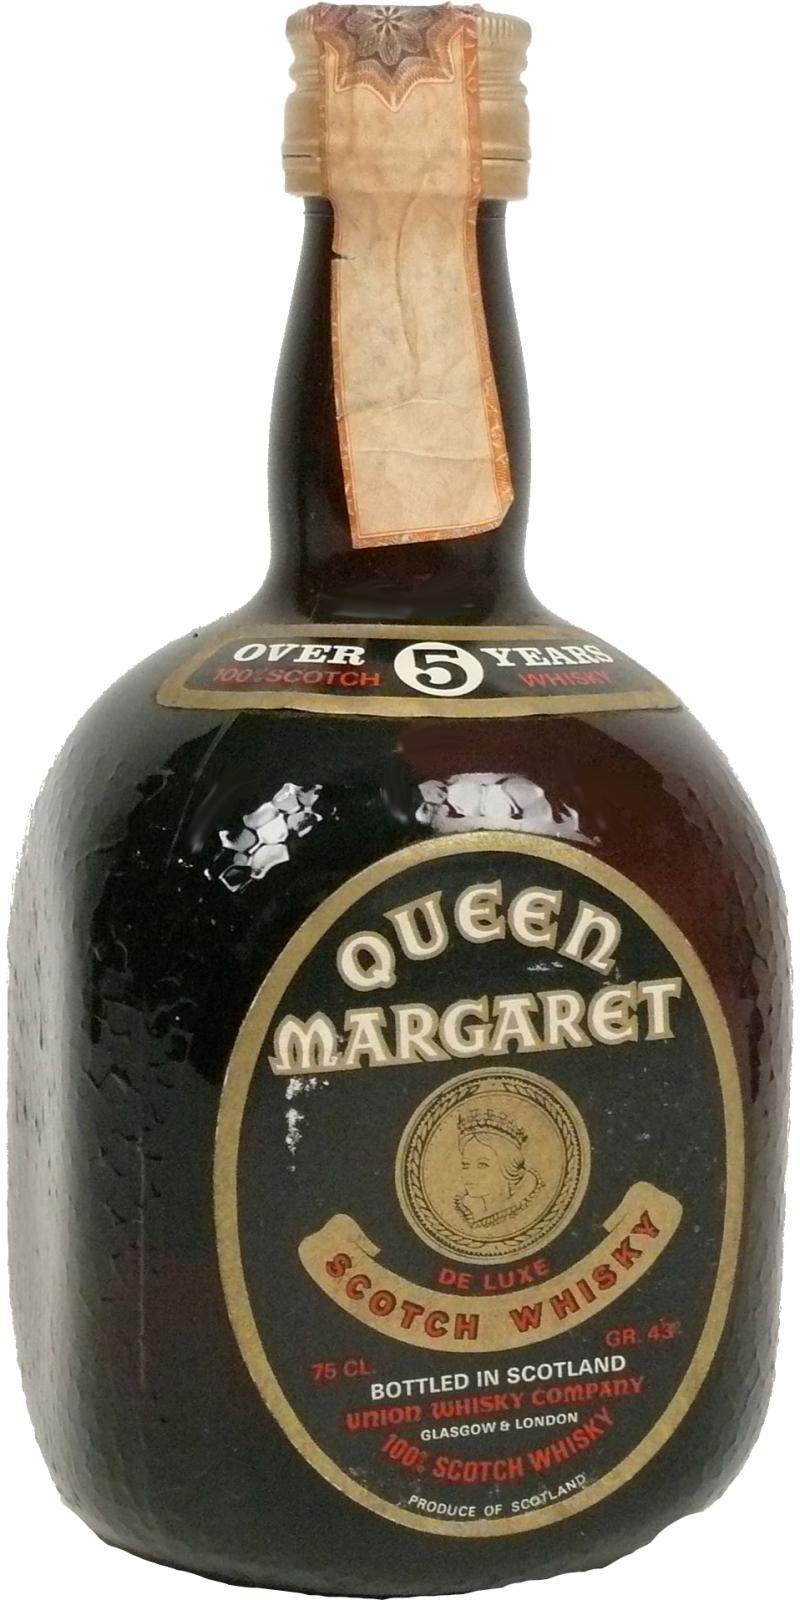 Queen Margaret 05-year-old